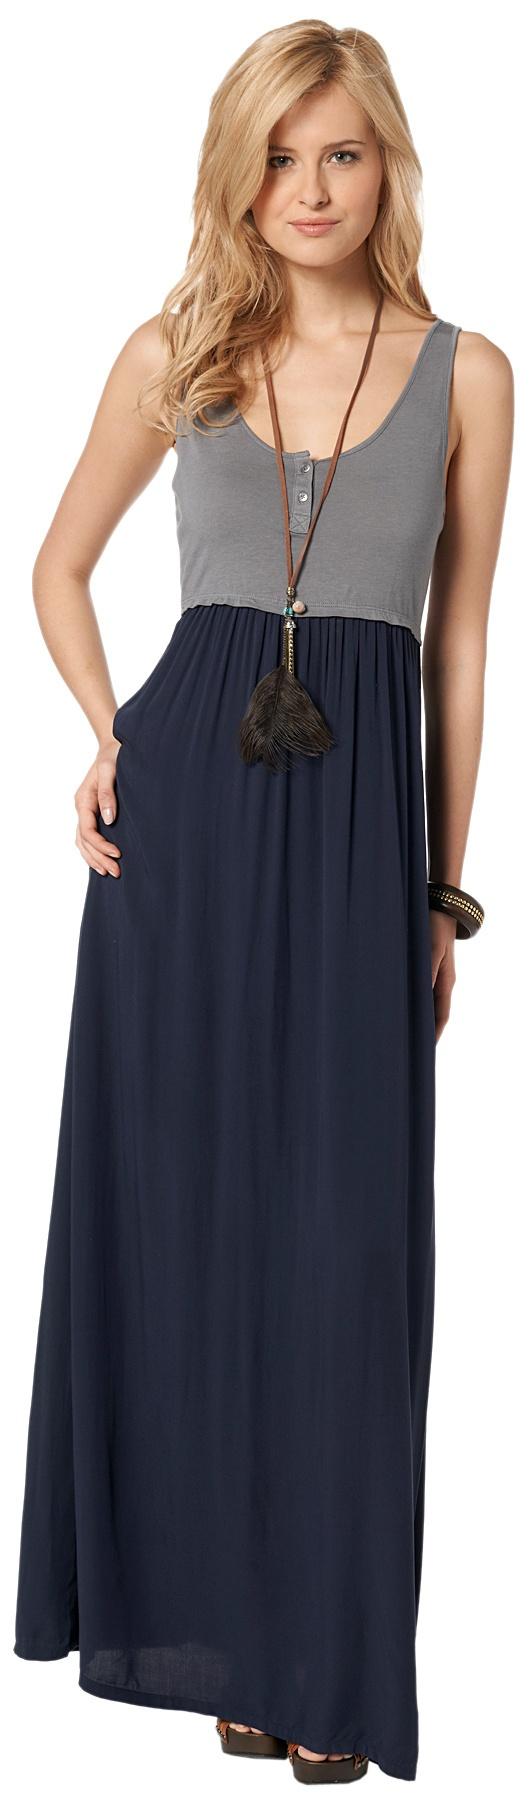 Two-Tone Maxi-Kleid für Frauen (2-farbig gestaltet)  - TOM TAILOR